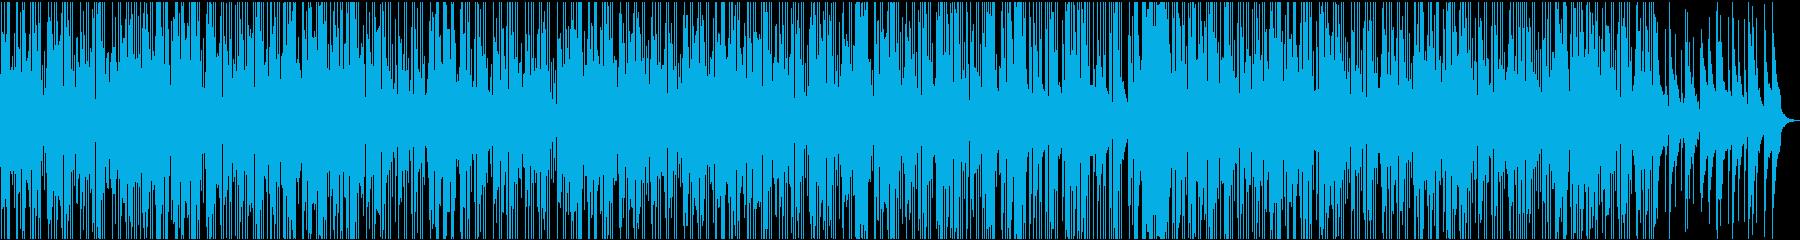 感動シーン・ドキュメンタリー向けの再生済みの波形